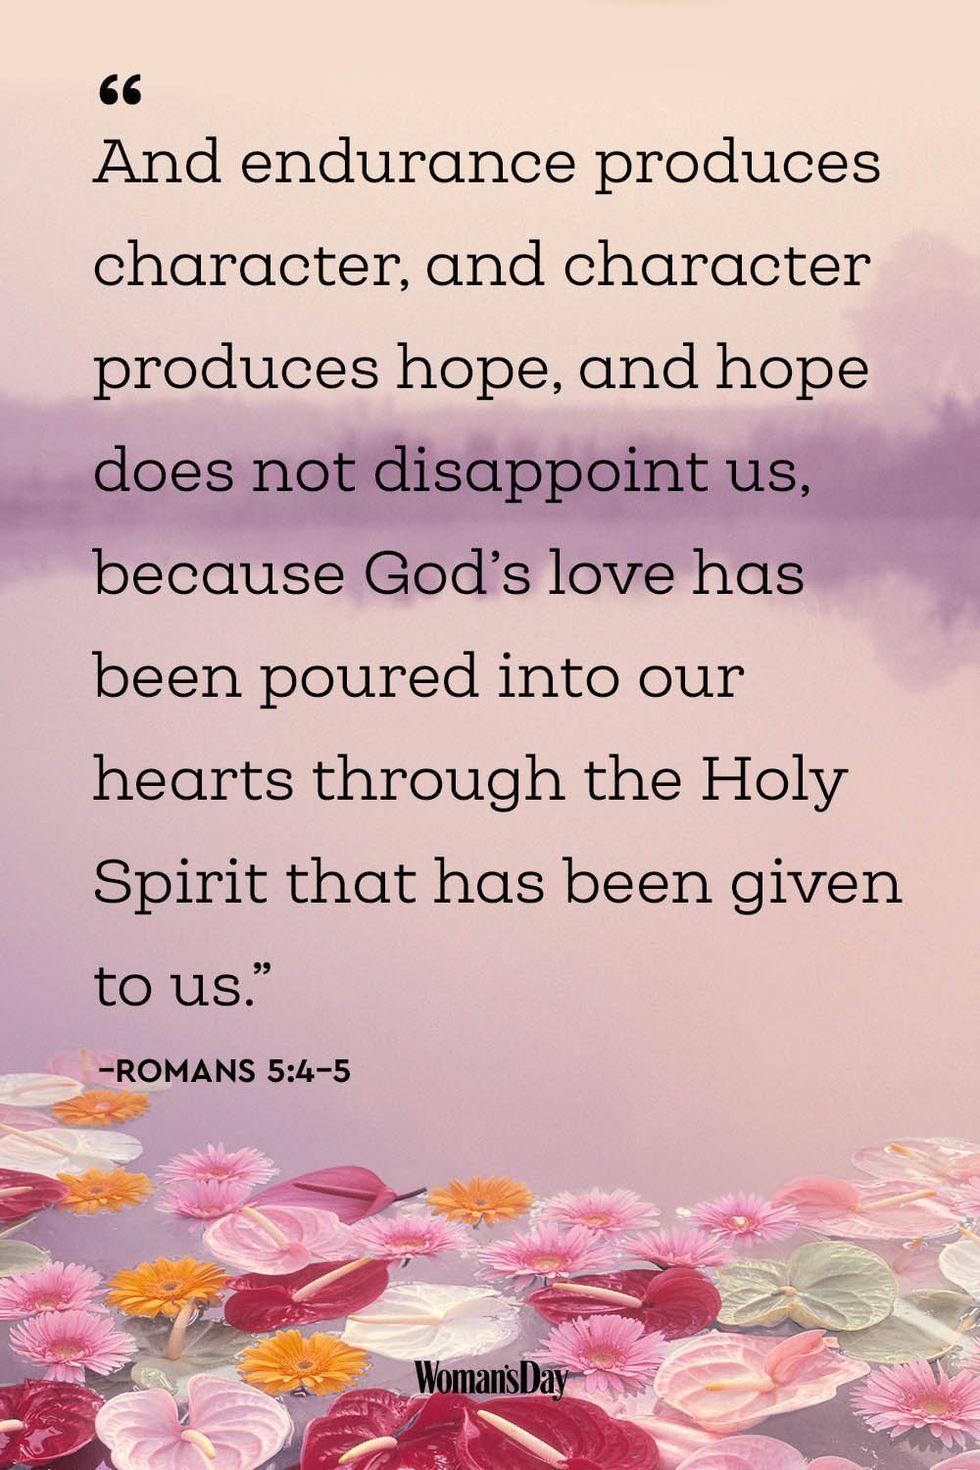 Pin on pray, faith,love,hope,joy,